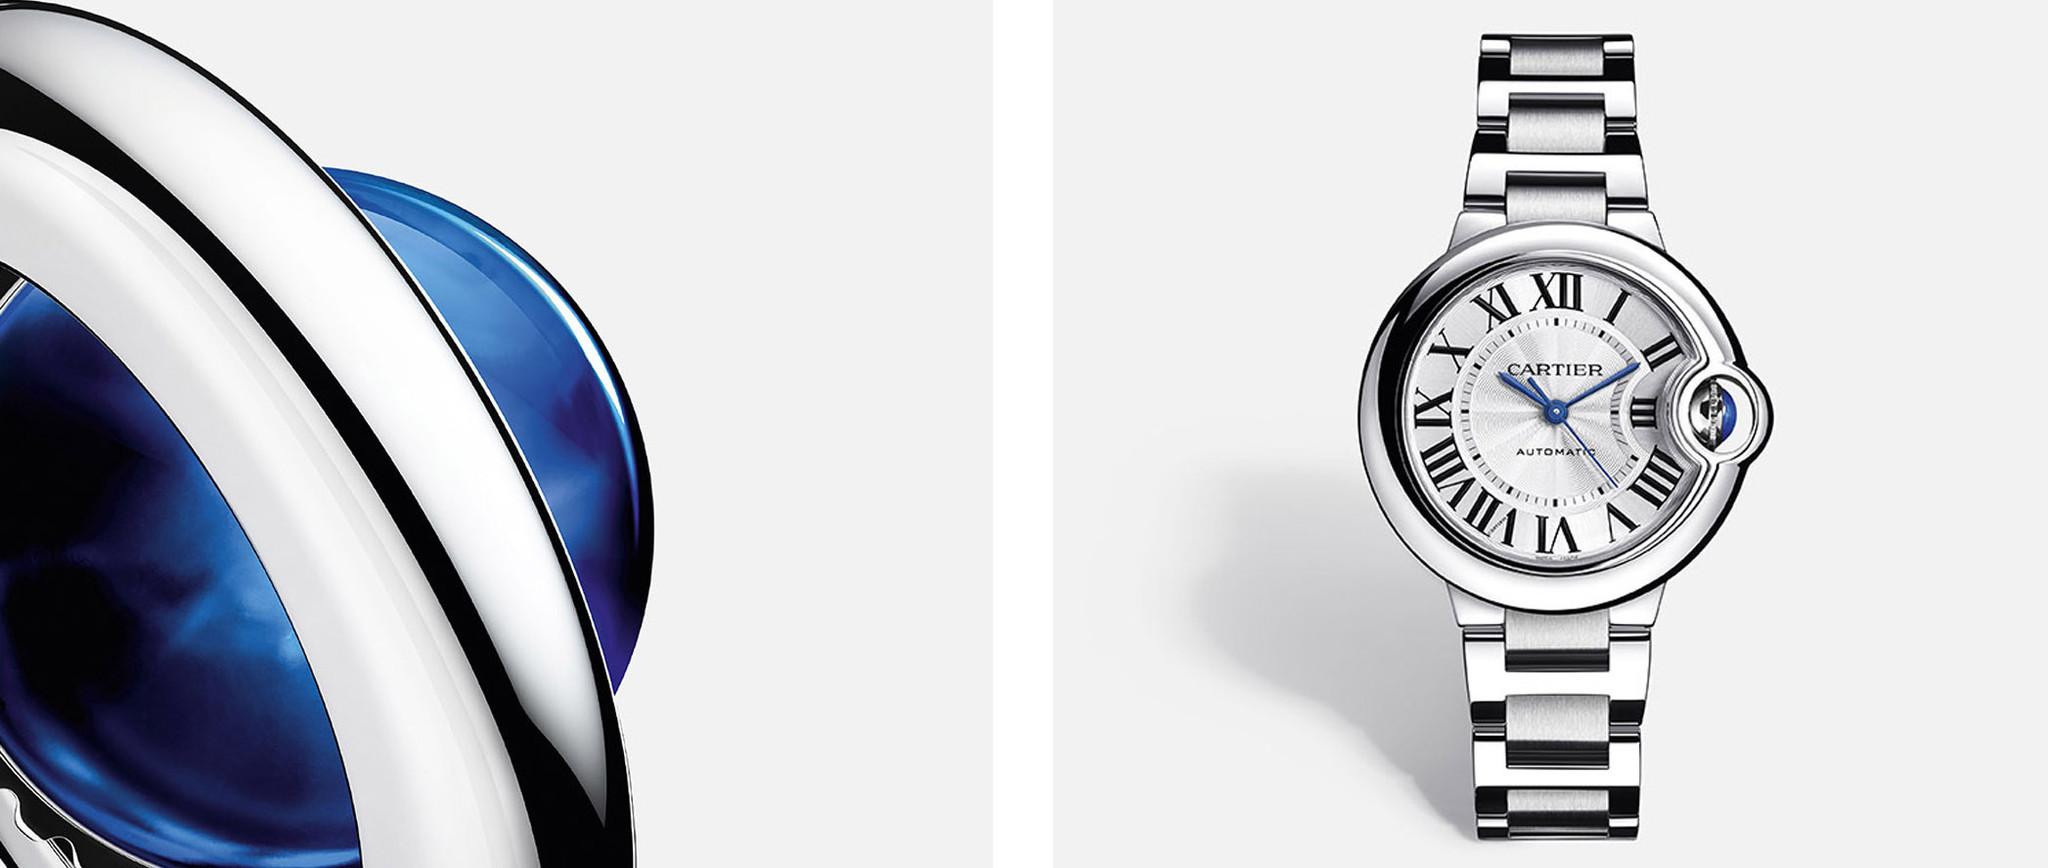 De 'Ballon Bleu de Cartier', wordt dit uw nieuwe horloge? Ontdek het iconische model hier.